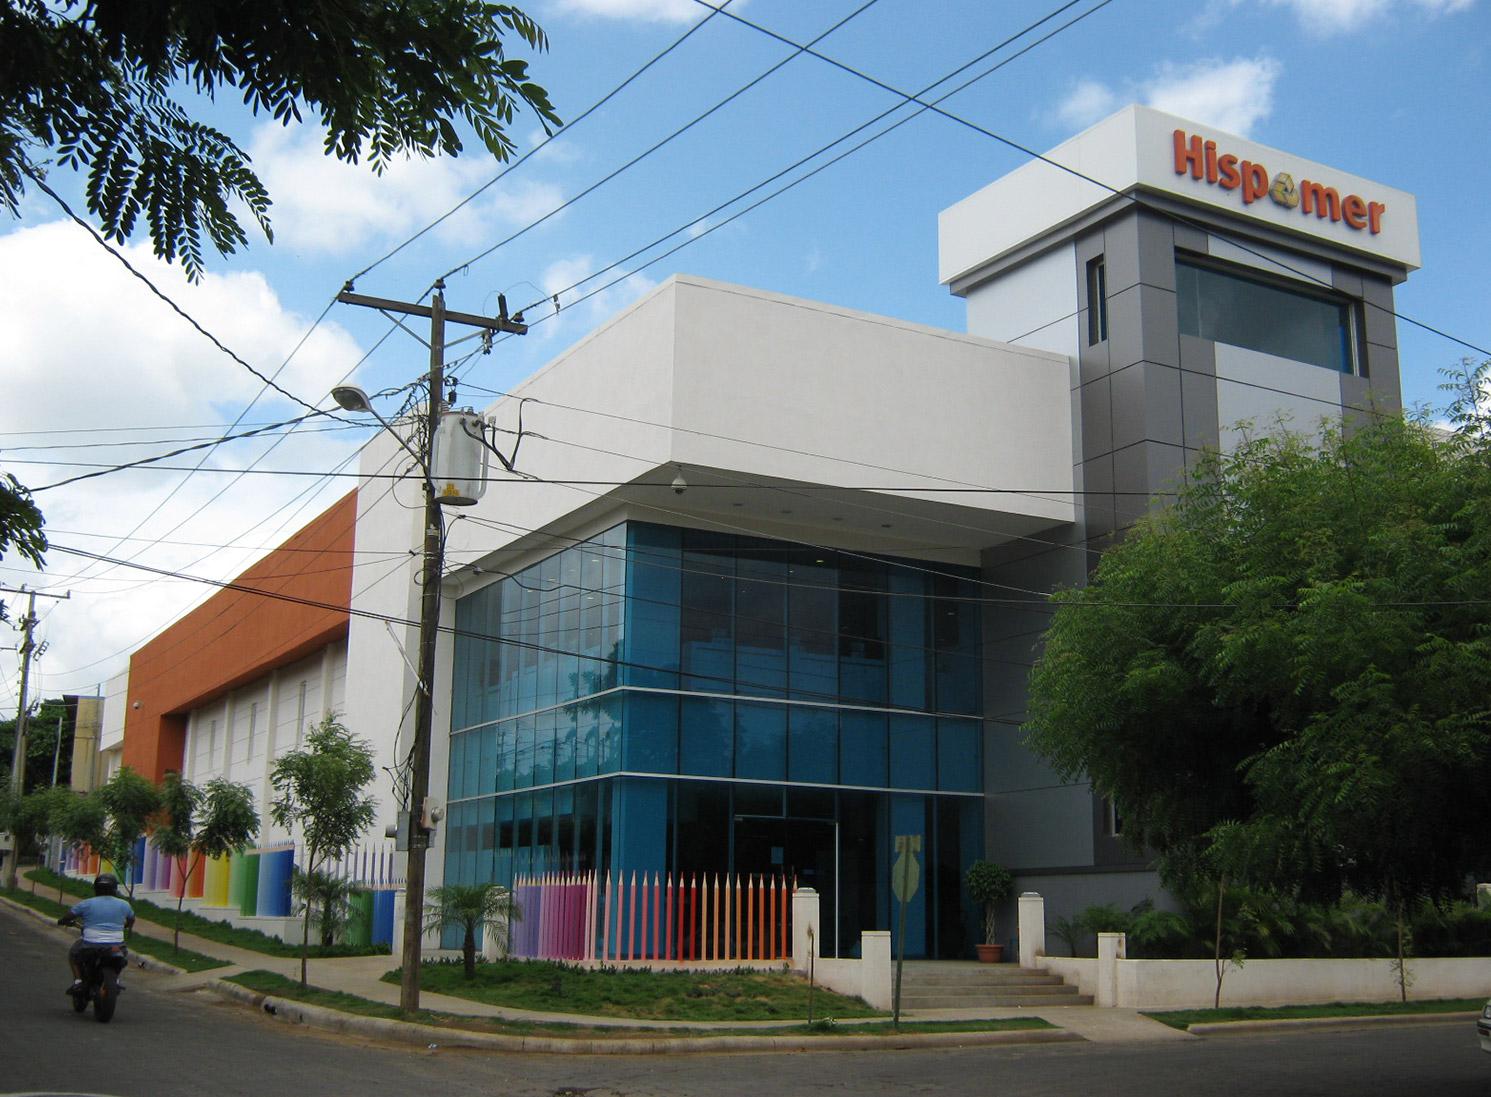 Edificio-pablo-antonio-cuadra-hispamer-emmedue-m2-2